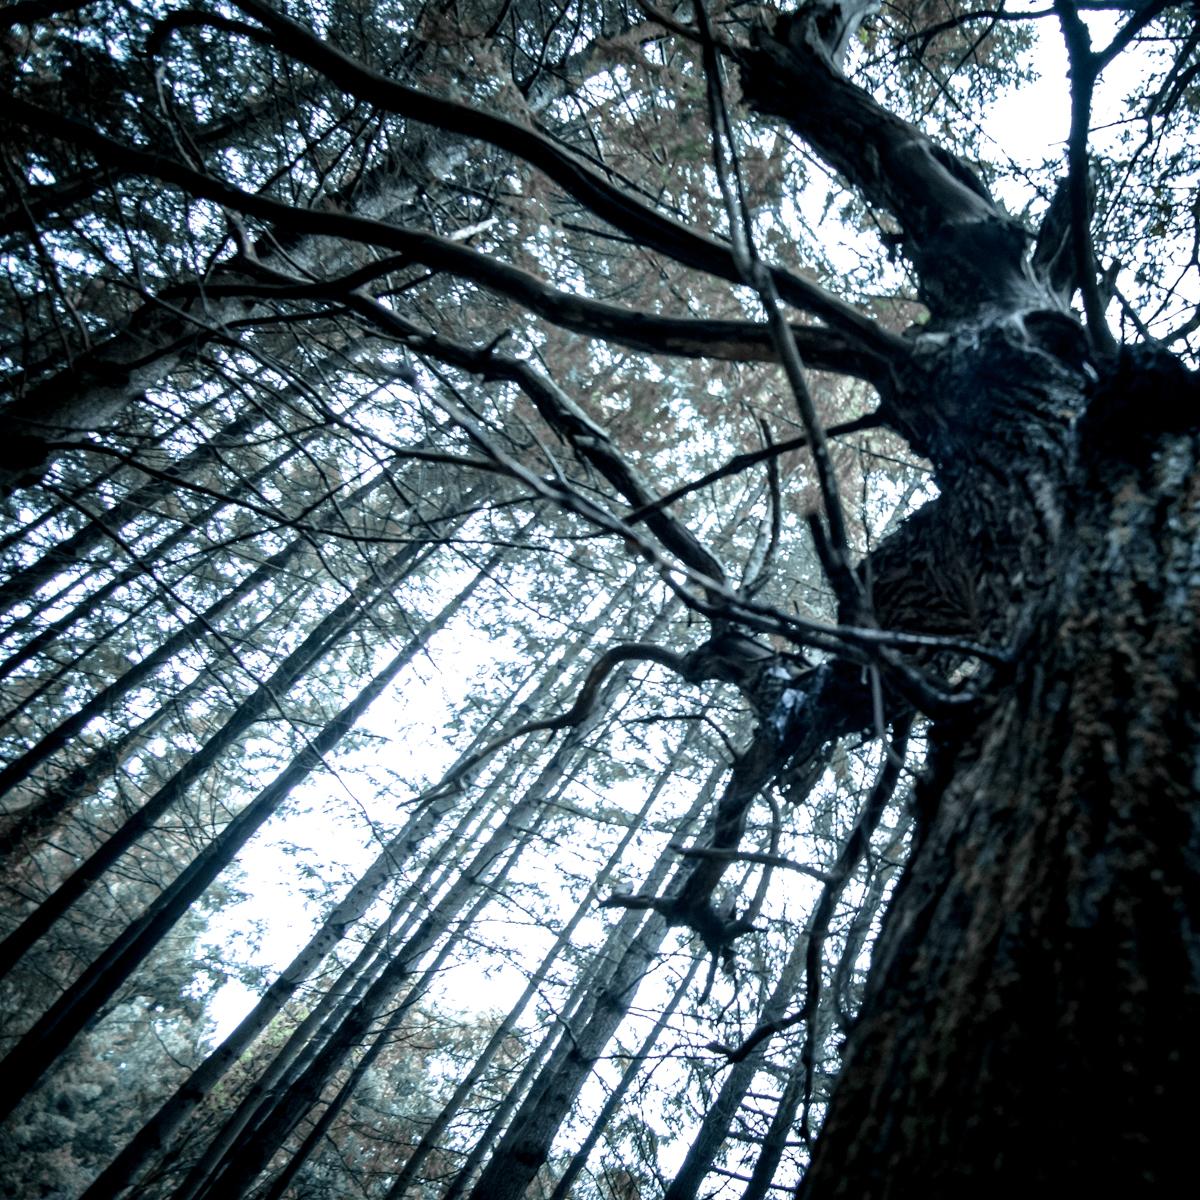 El bosque, a veces encantador ymisterioso